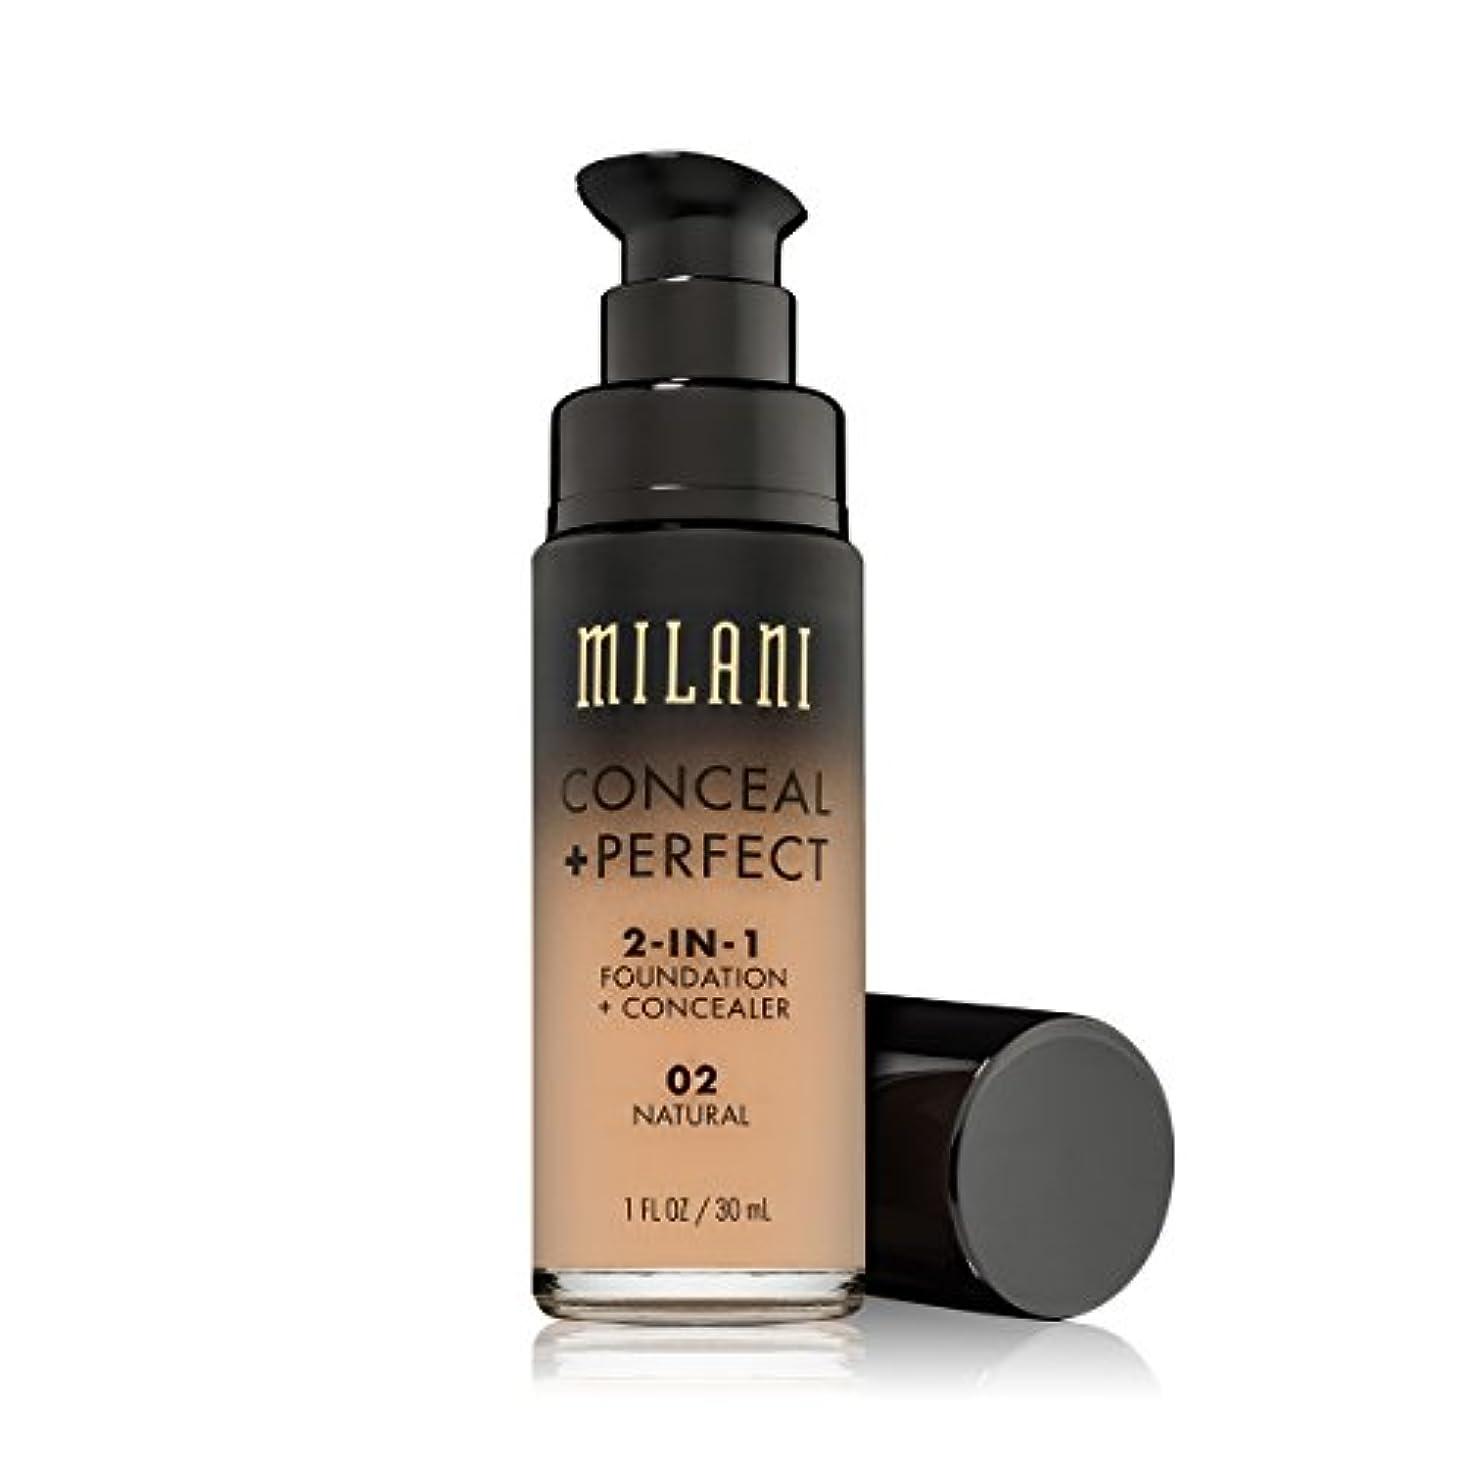 階層薄汚い神社MILANI Conceal + Perfect 2-In-1 Foundation + Concealer - Natural (並行輸入品)